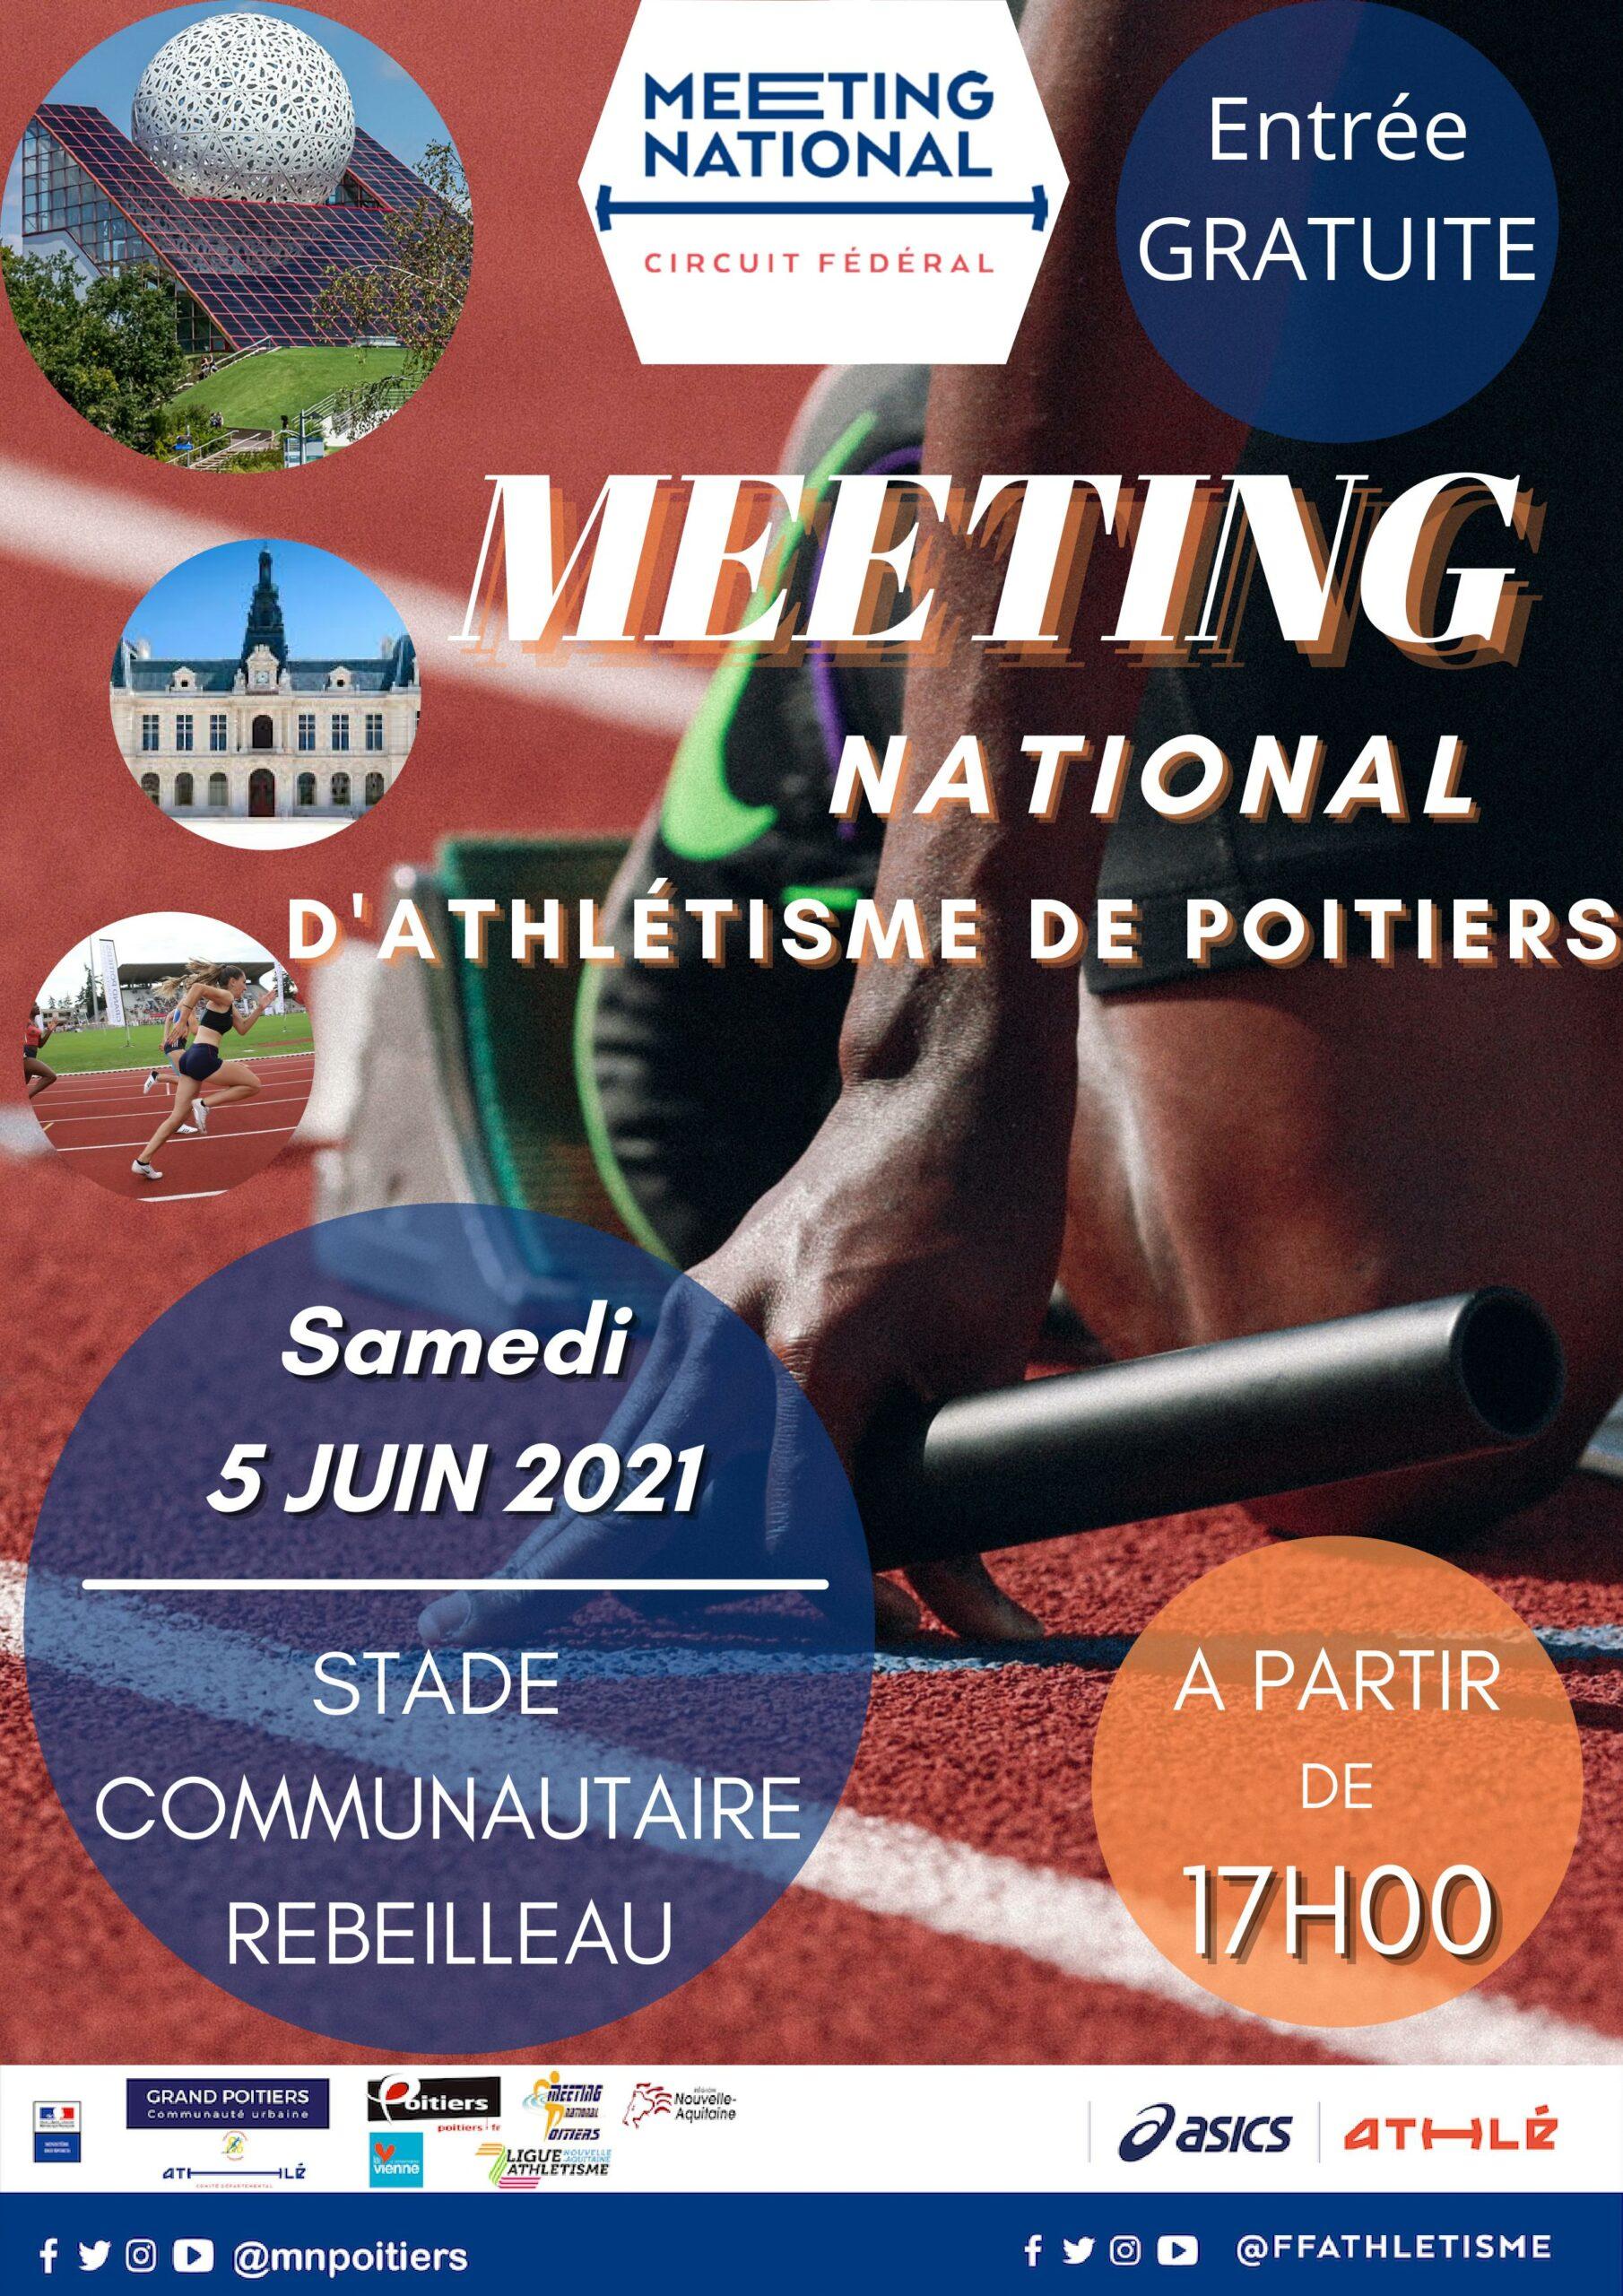 Meeting National d'Athlétisme de Poitiers 2021